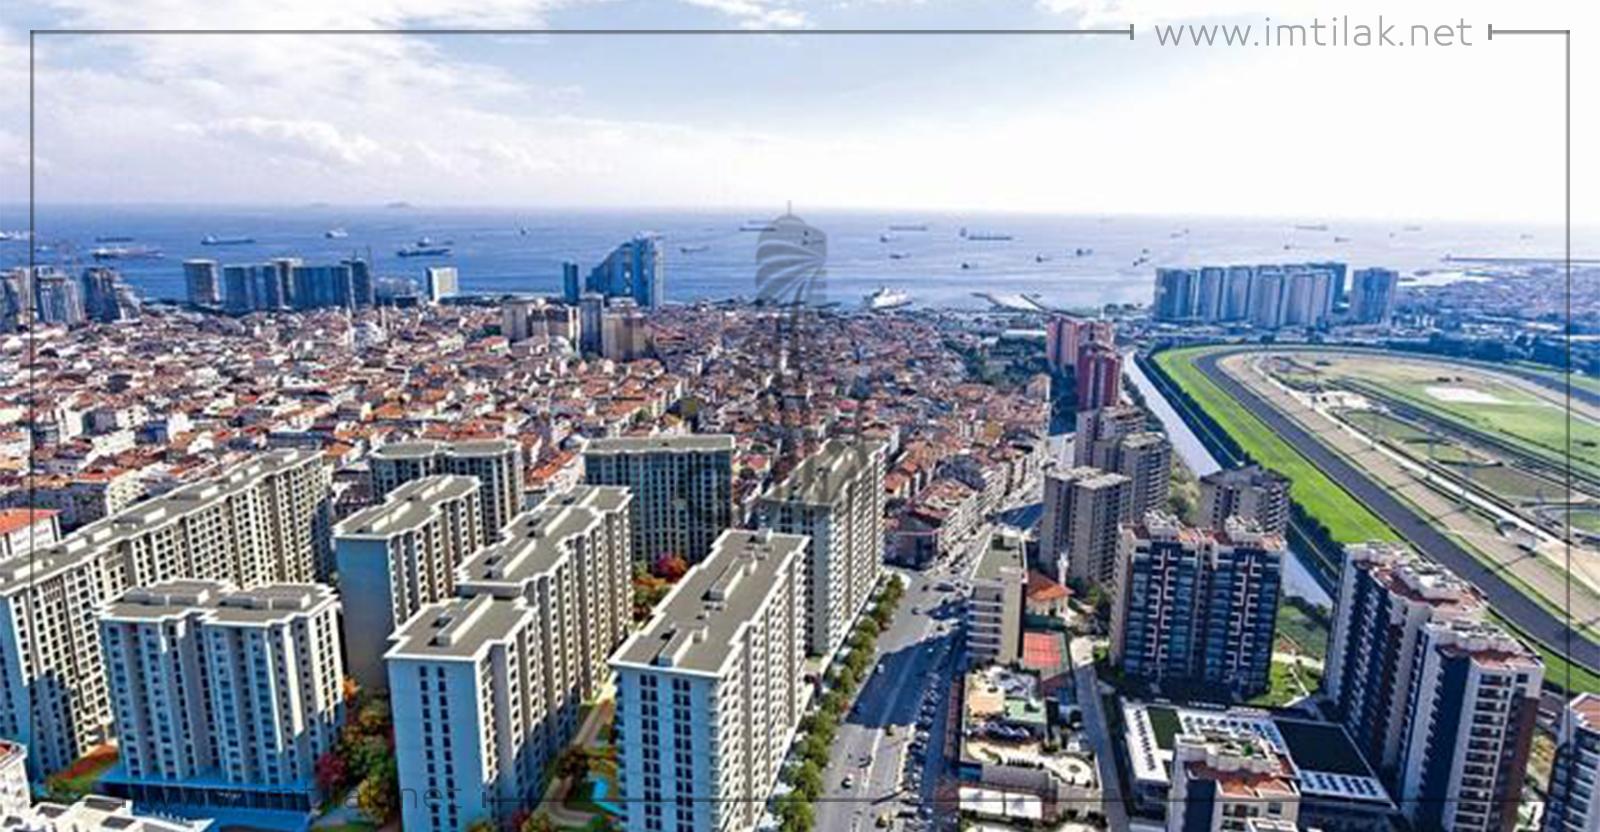 Appartements à vendre à Istanbul Zeytinburnu - IMT-193 projet Loca